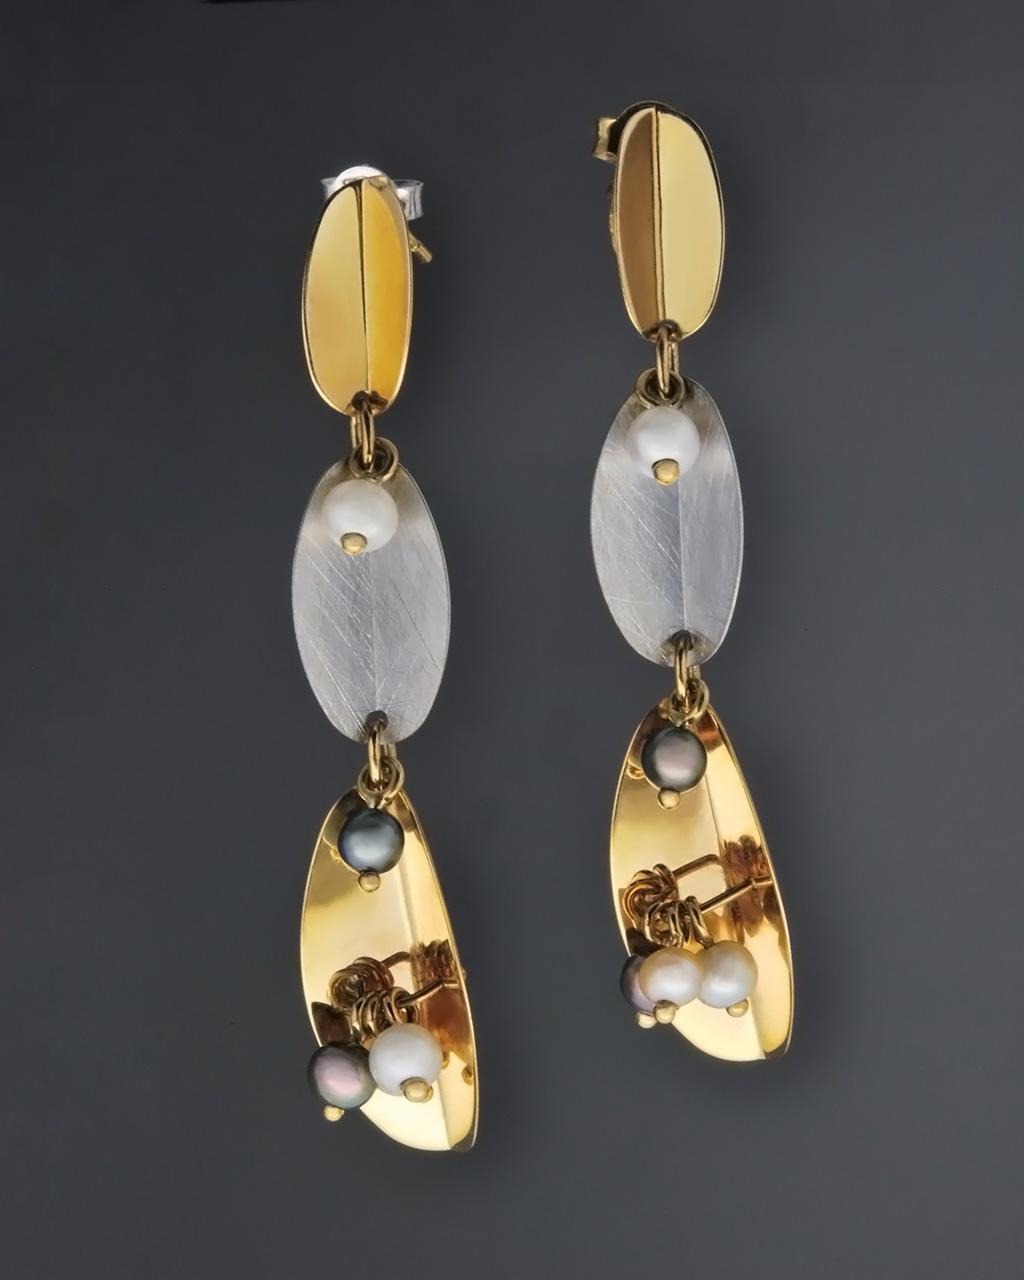 Κρεμαστά σκουλαρίκια χρυσά & λευκόχρυσα Κ14 με Μαργαριτάρια   γυναικα σκουλαρίκια σκουλαρίκια ημιπολύτιμοι λίθοι